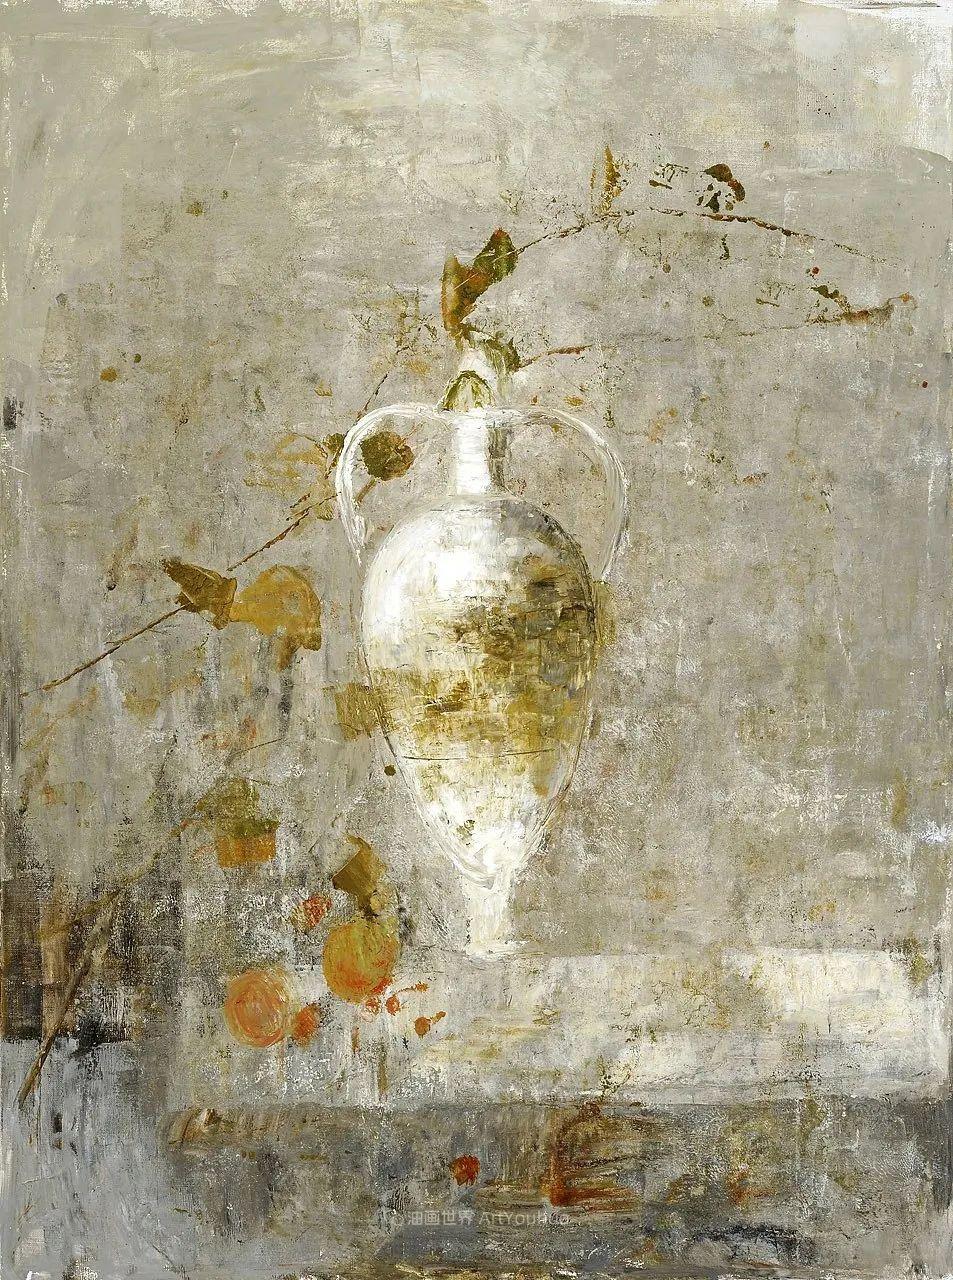 马耳他女画家 Goxwa Borg 戈克斯瓦·博格作品欣赏: 古典又现代!插图33